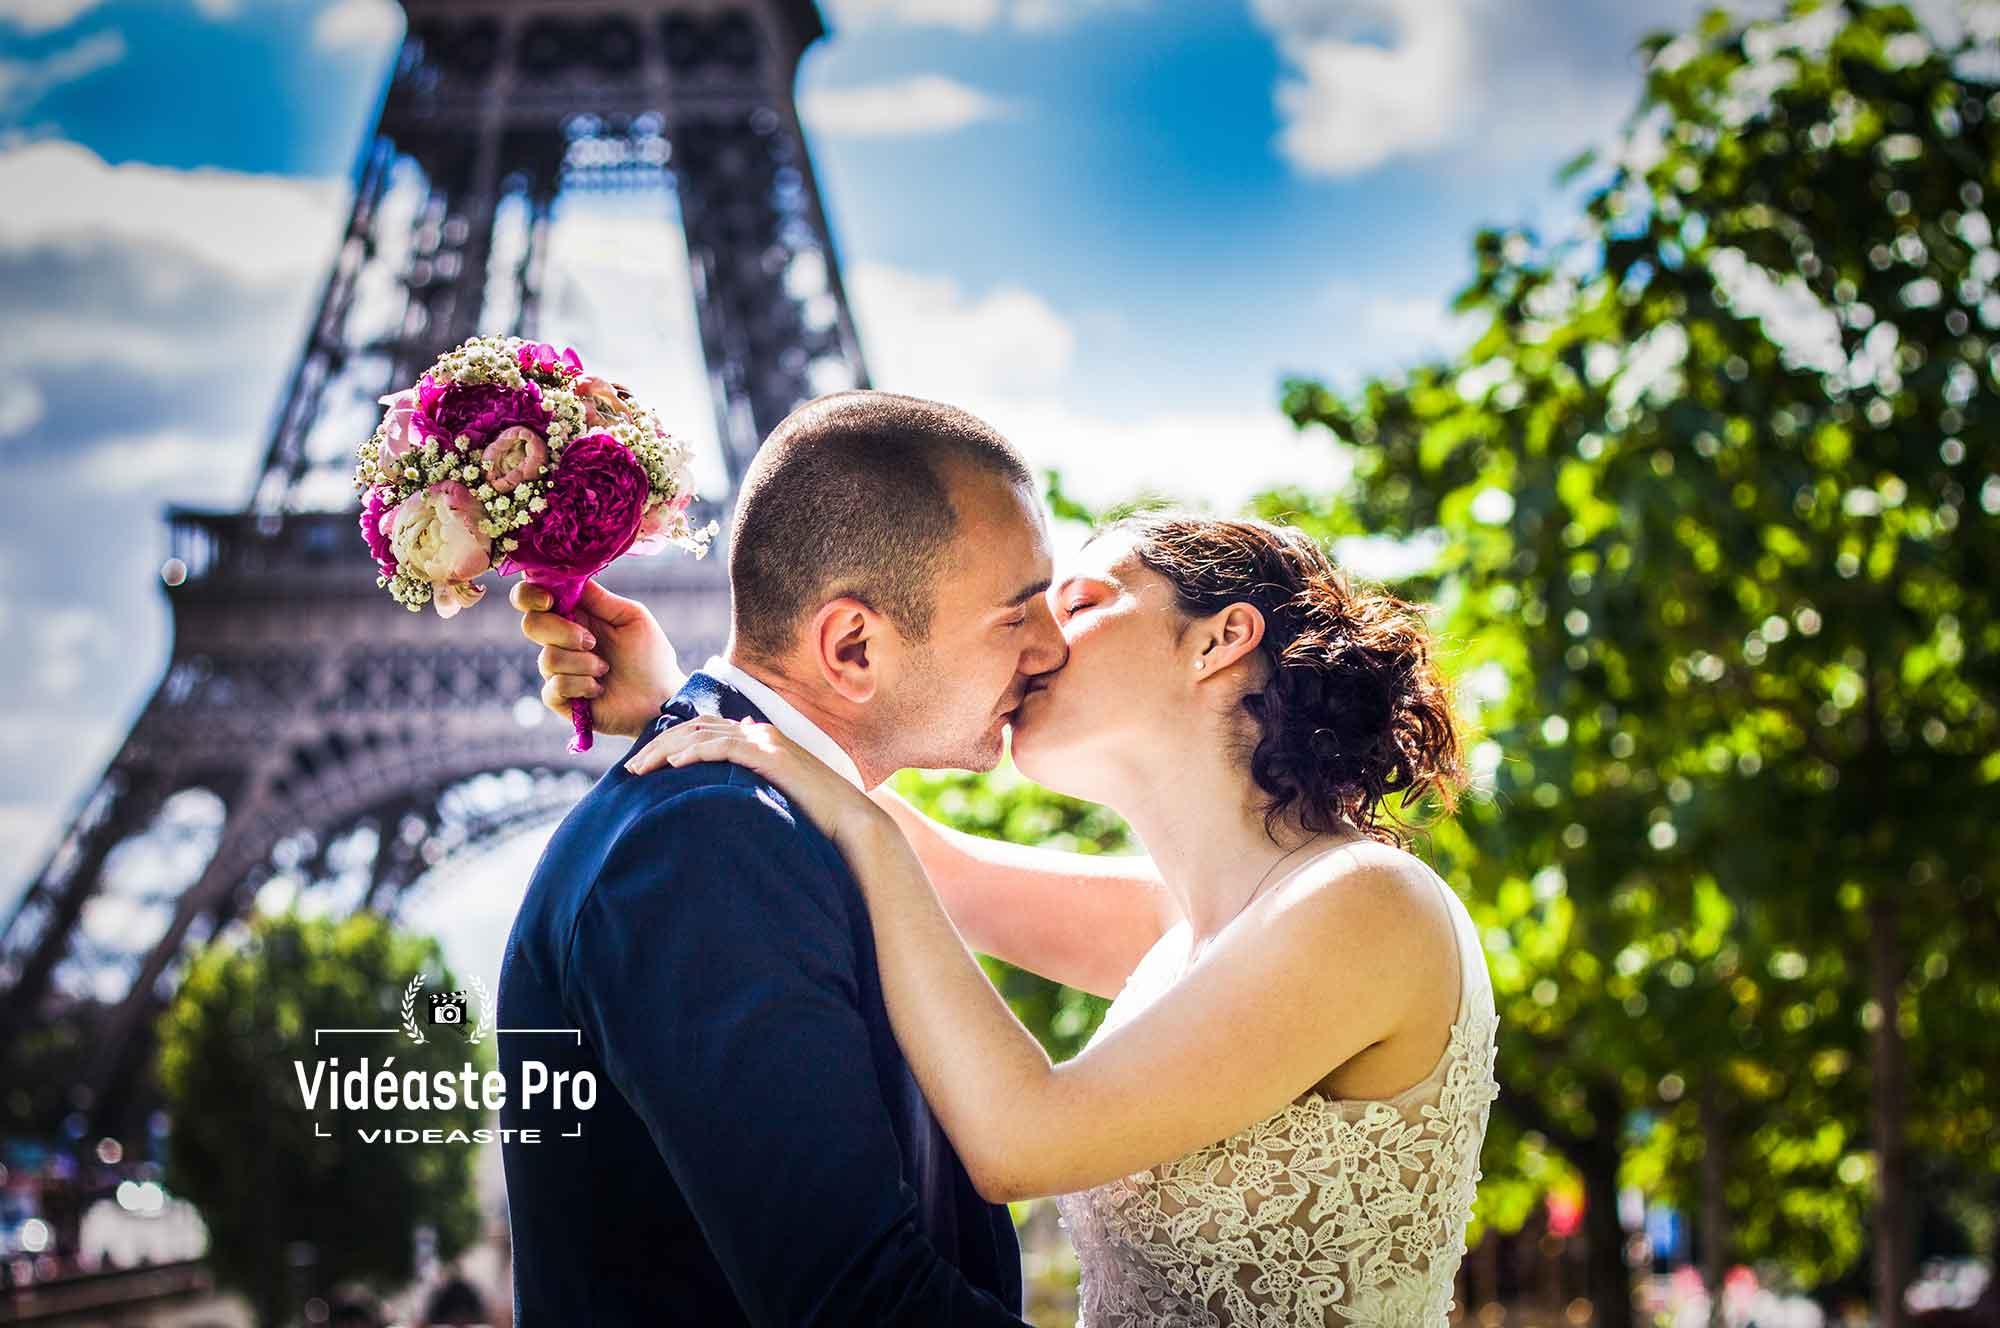 Vidéaste de mariage Paris, cameraman mariage Paris, reportage vidéo de mariage à Paris, film mariage Paris